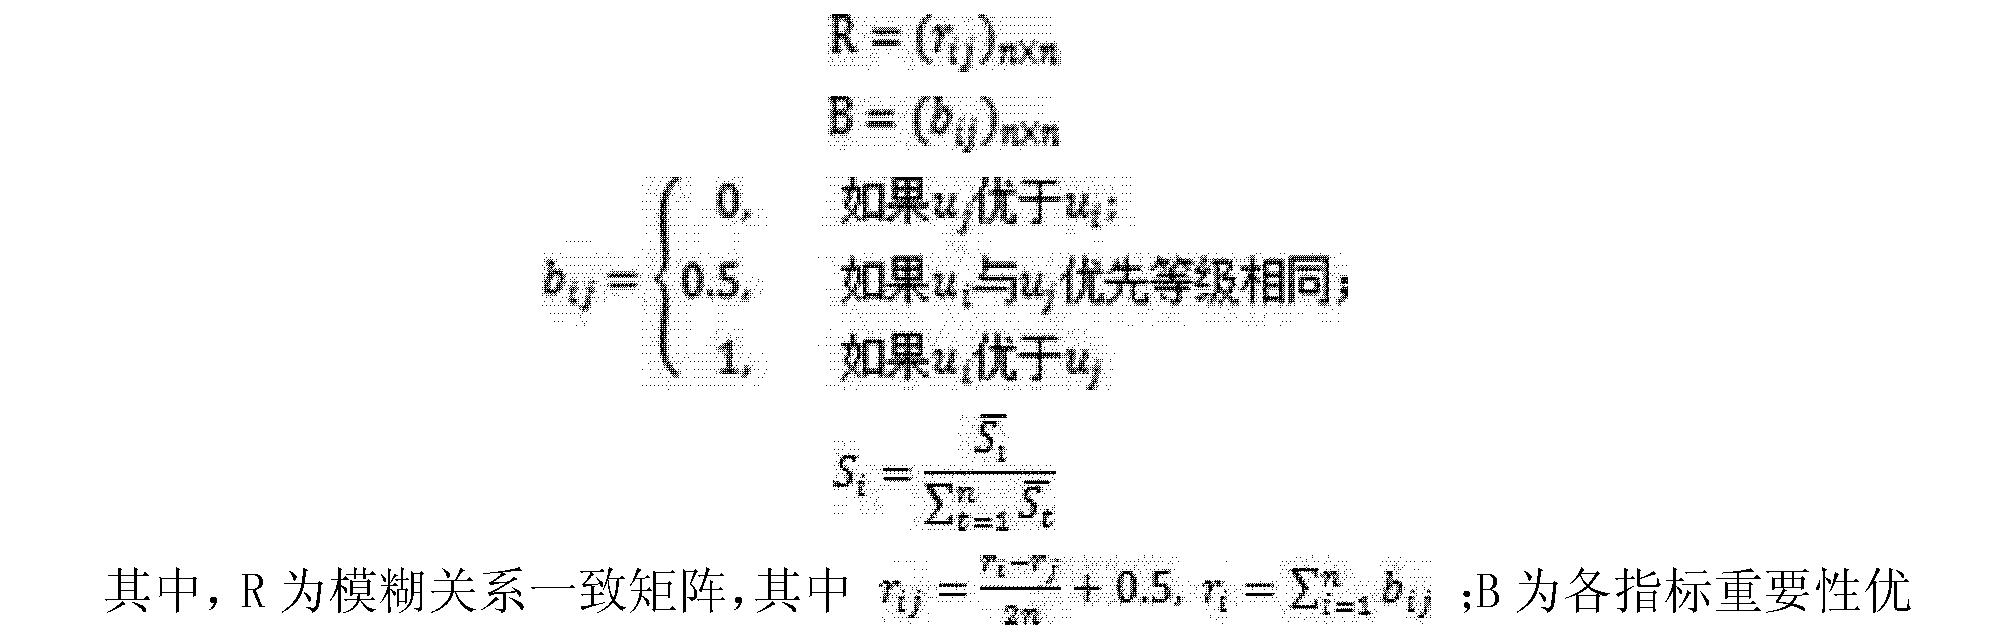 Figure CN104331531AC00031